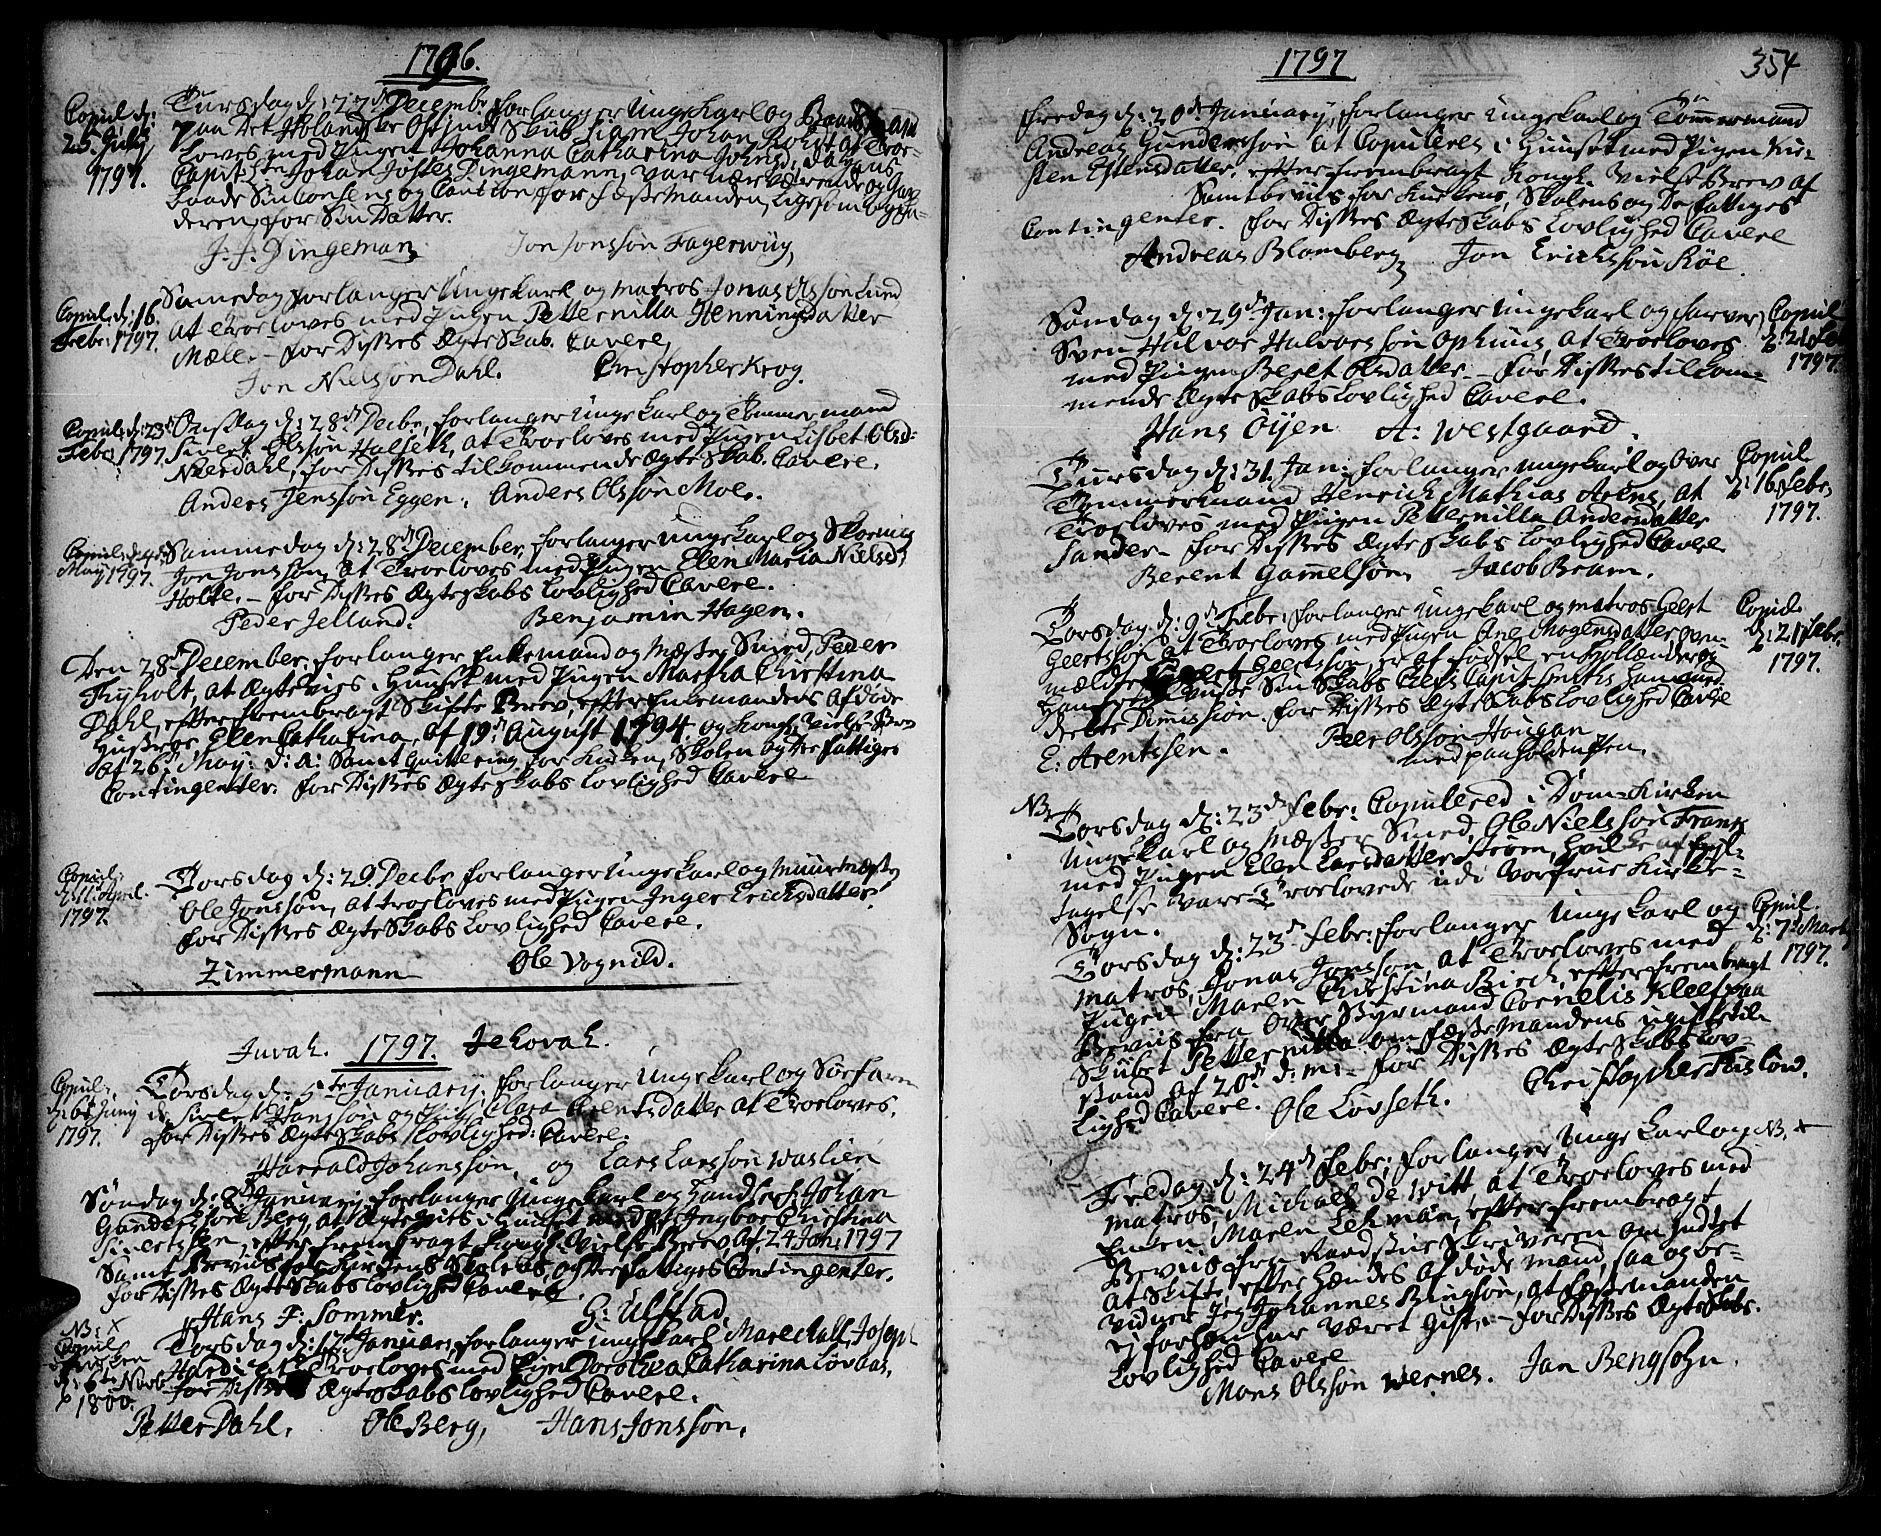 SAT, Ministerialprotokoller, klokkerbøker og fødselsregistre - Sør-Trøndelag, 601/L0038: Ministerialbok nr. 601A06, 1766-1877, s. 354